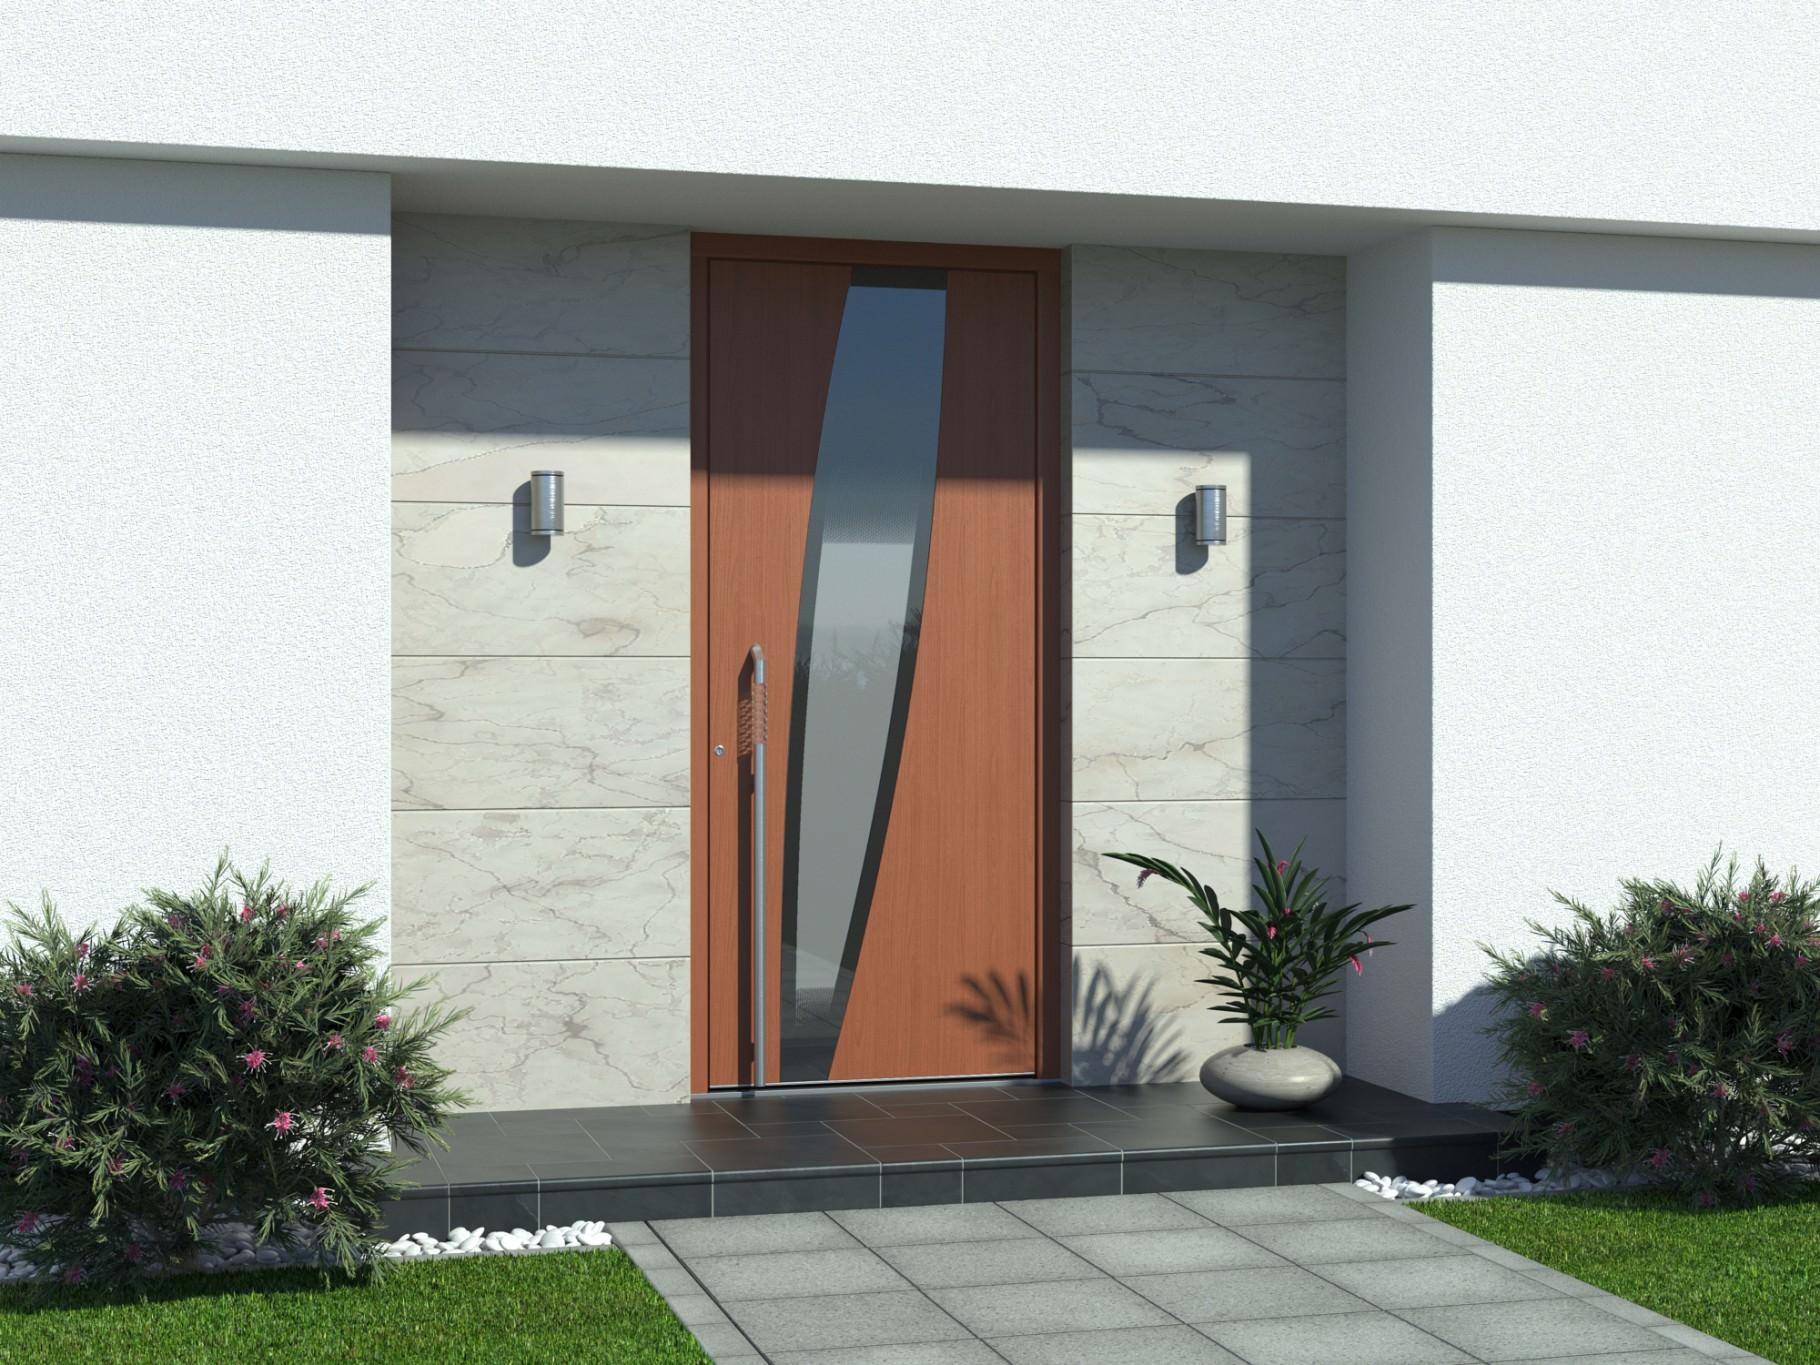 Vhodna vrata iz lesa in aluminija